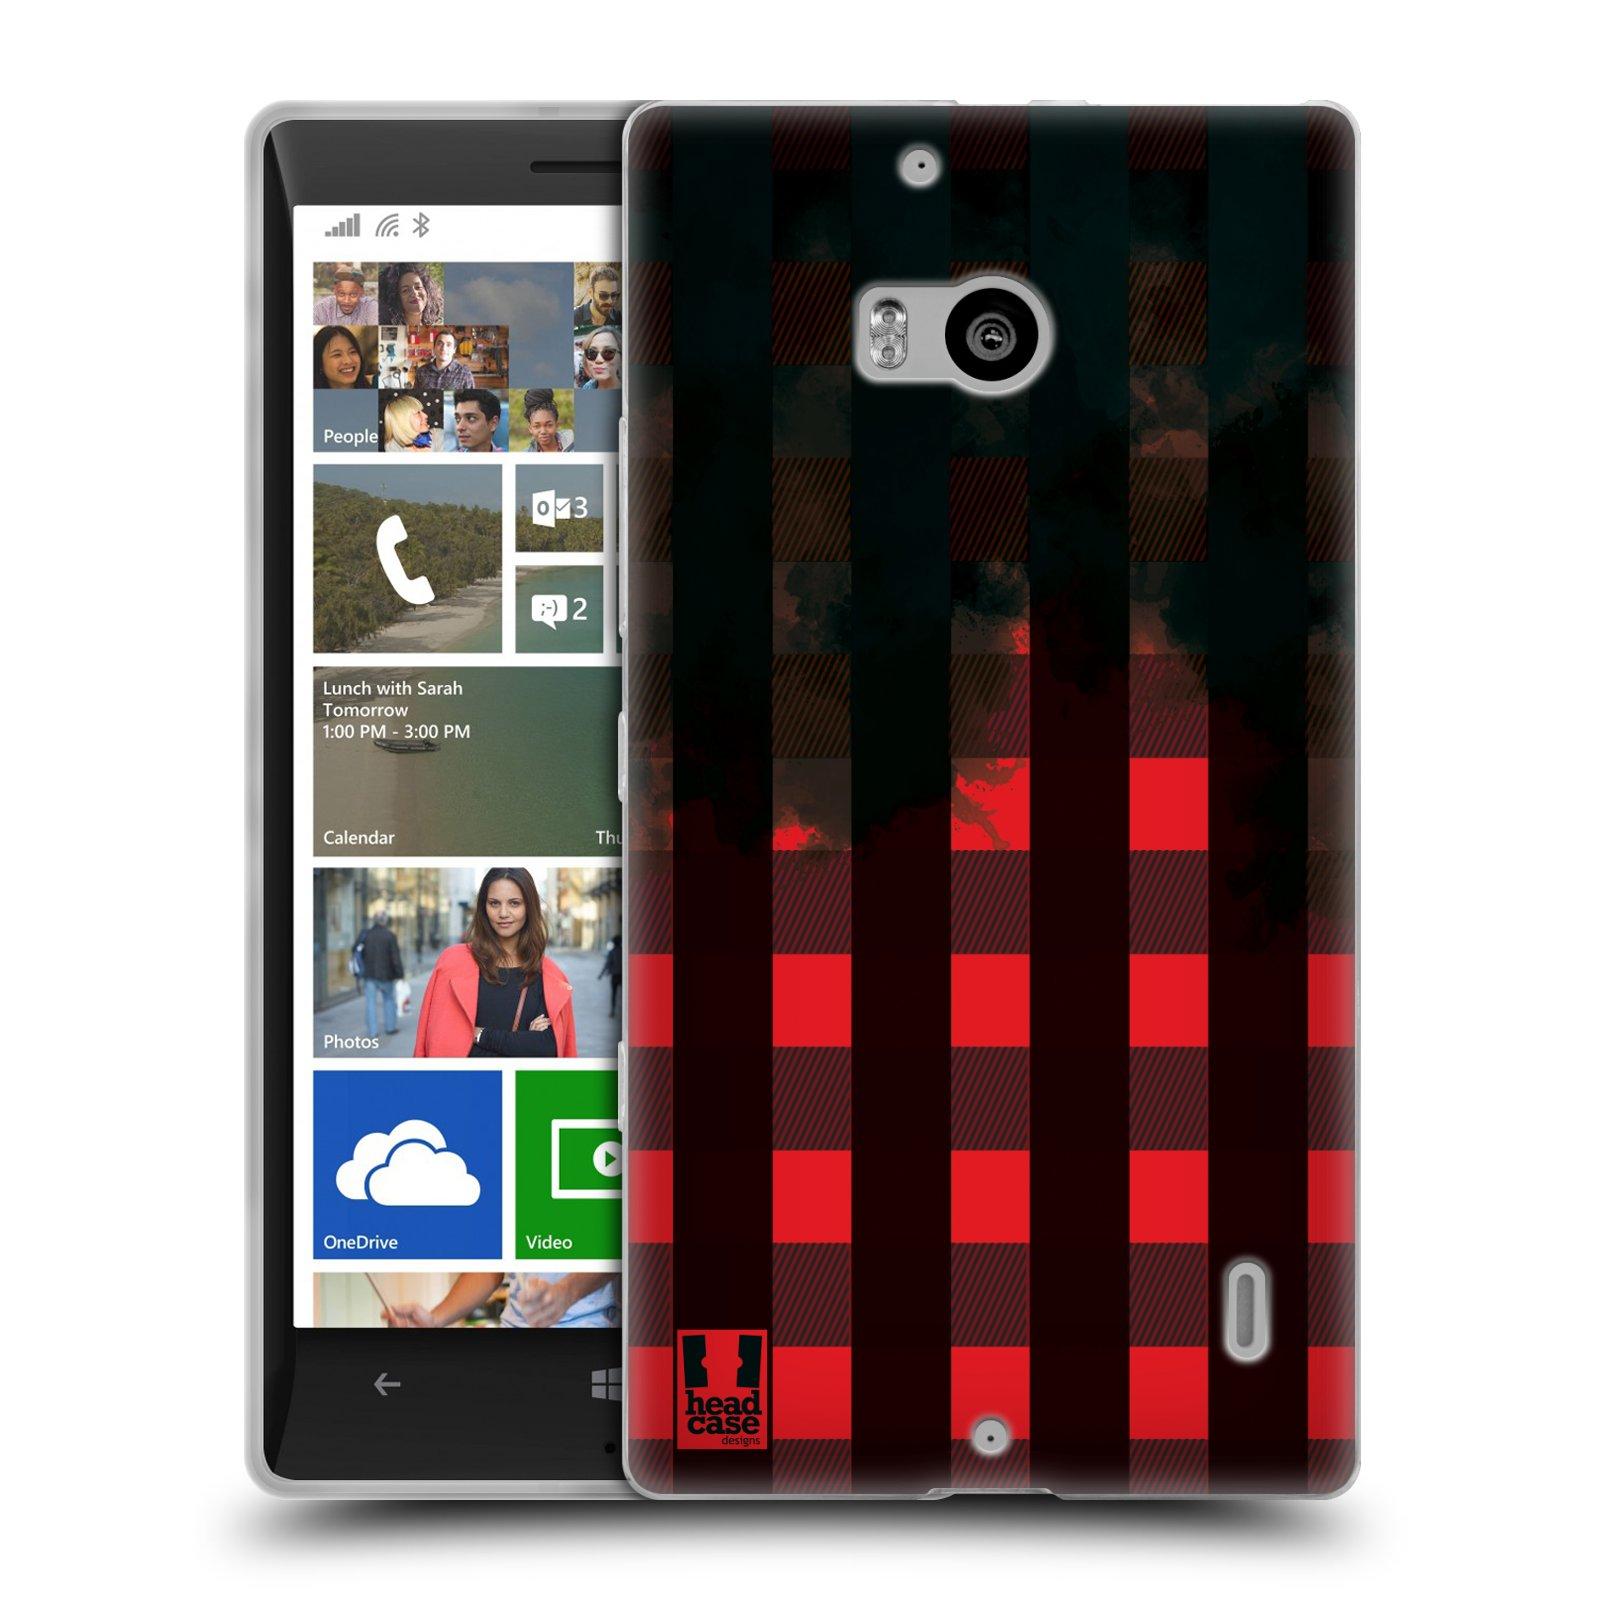 Silikonové pouzdro na mobil Nokia Lumia 930 HEAD CASE FLANEL RED BLACK (Silikonový kryt či obal na mobilní telefon Nokia Lumia 930)